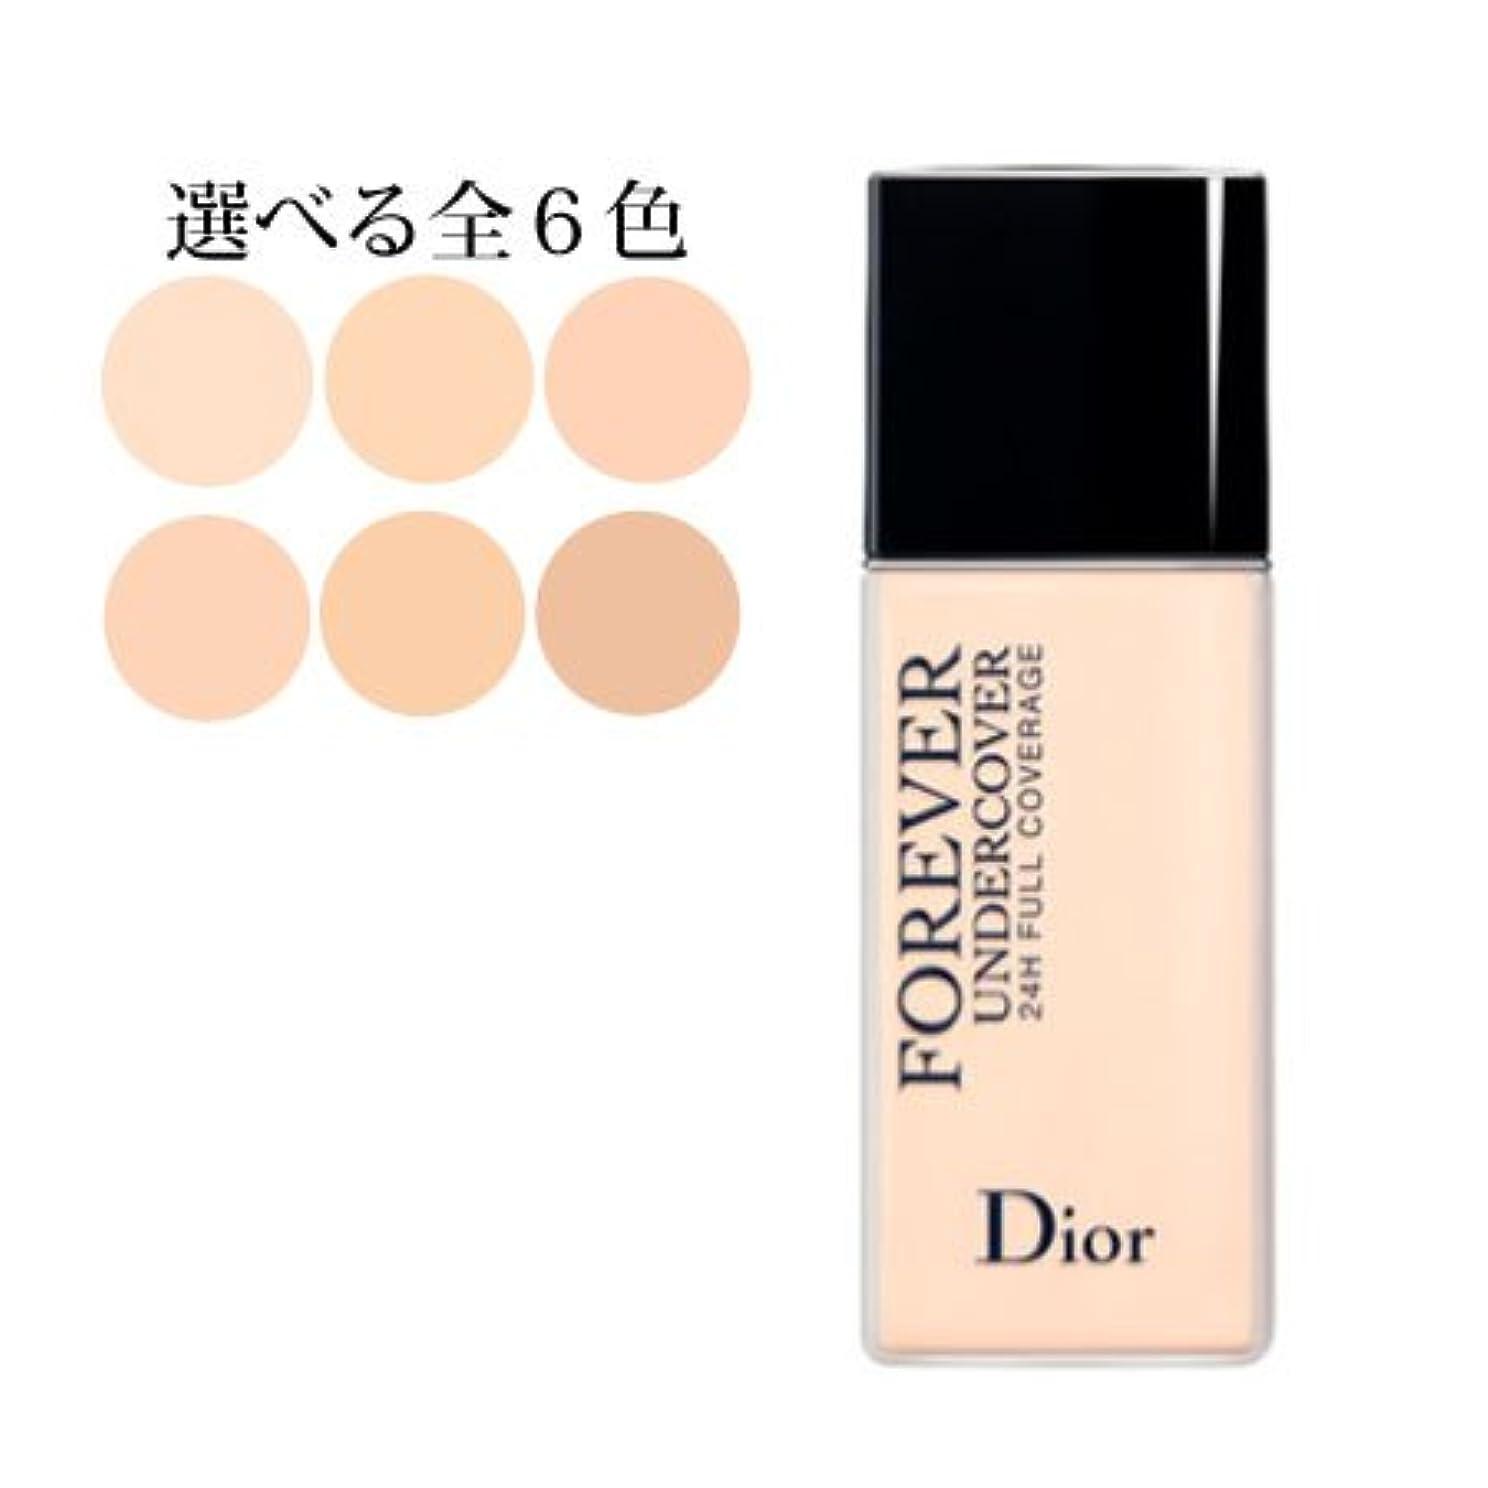 現在モード乱暴なディオールスキン フォーエヴァー アンダーカバー 選べる6色 -Dior- 012